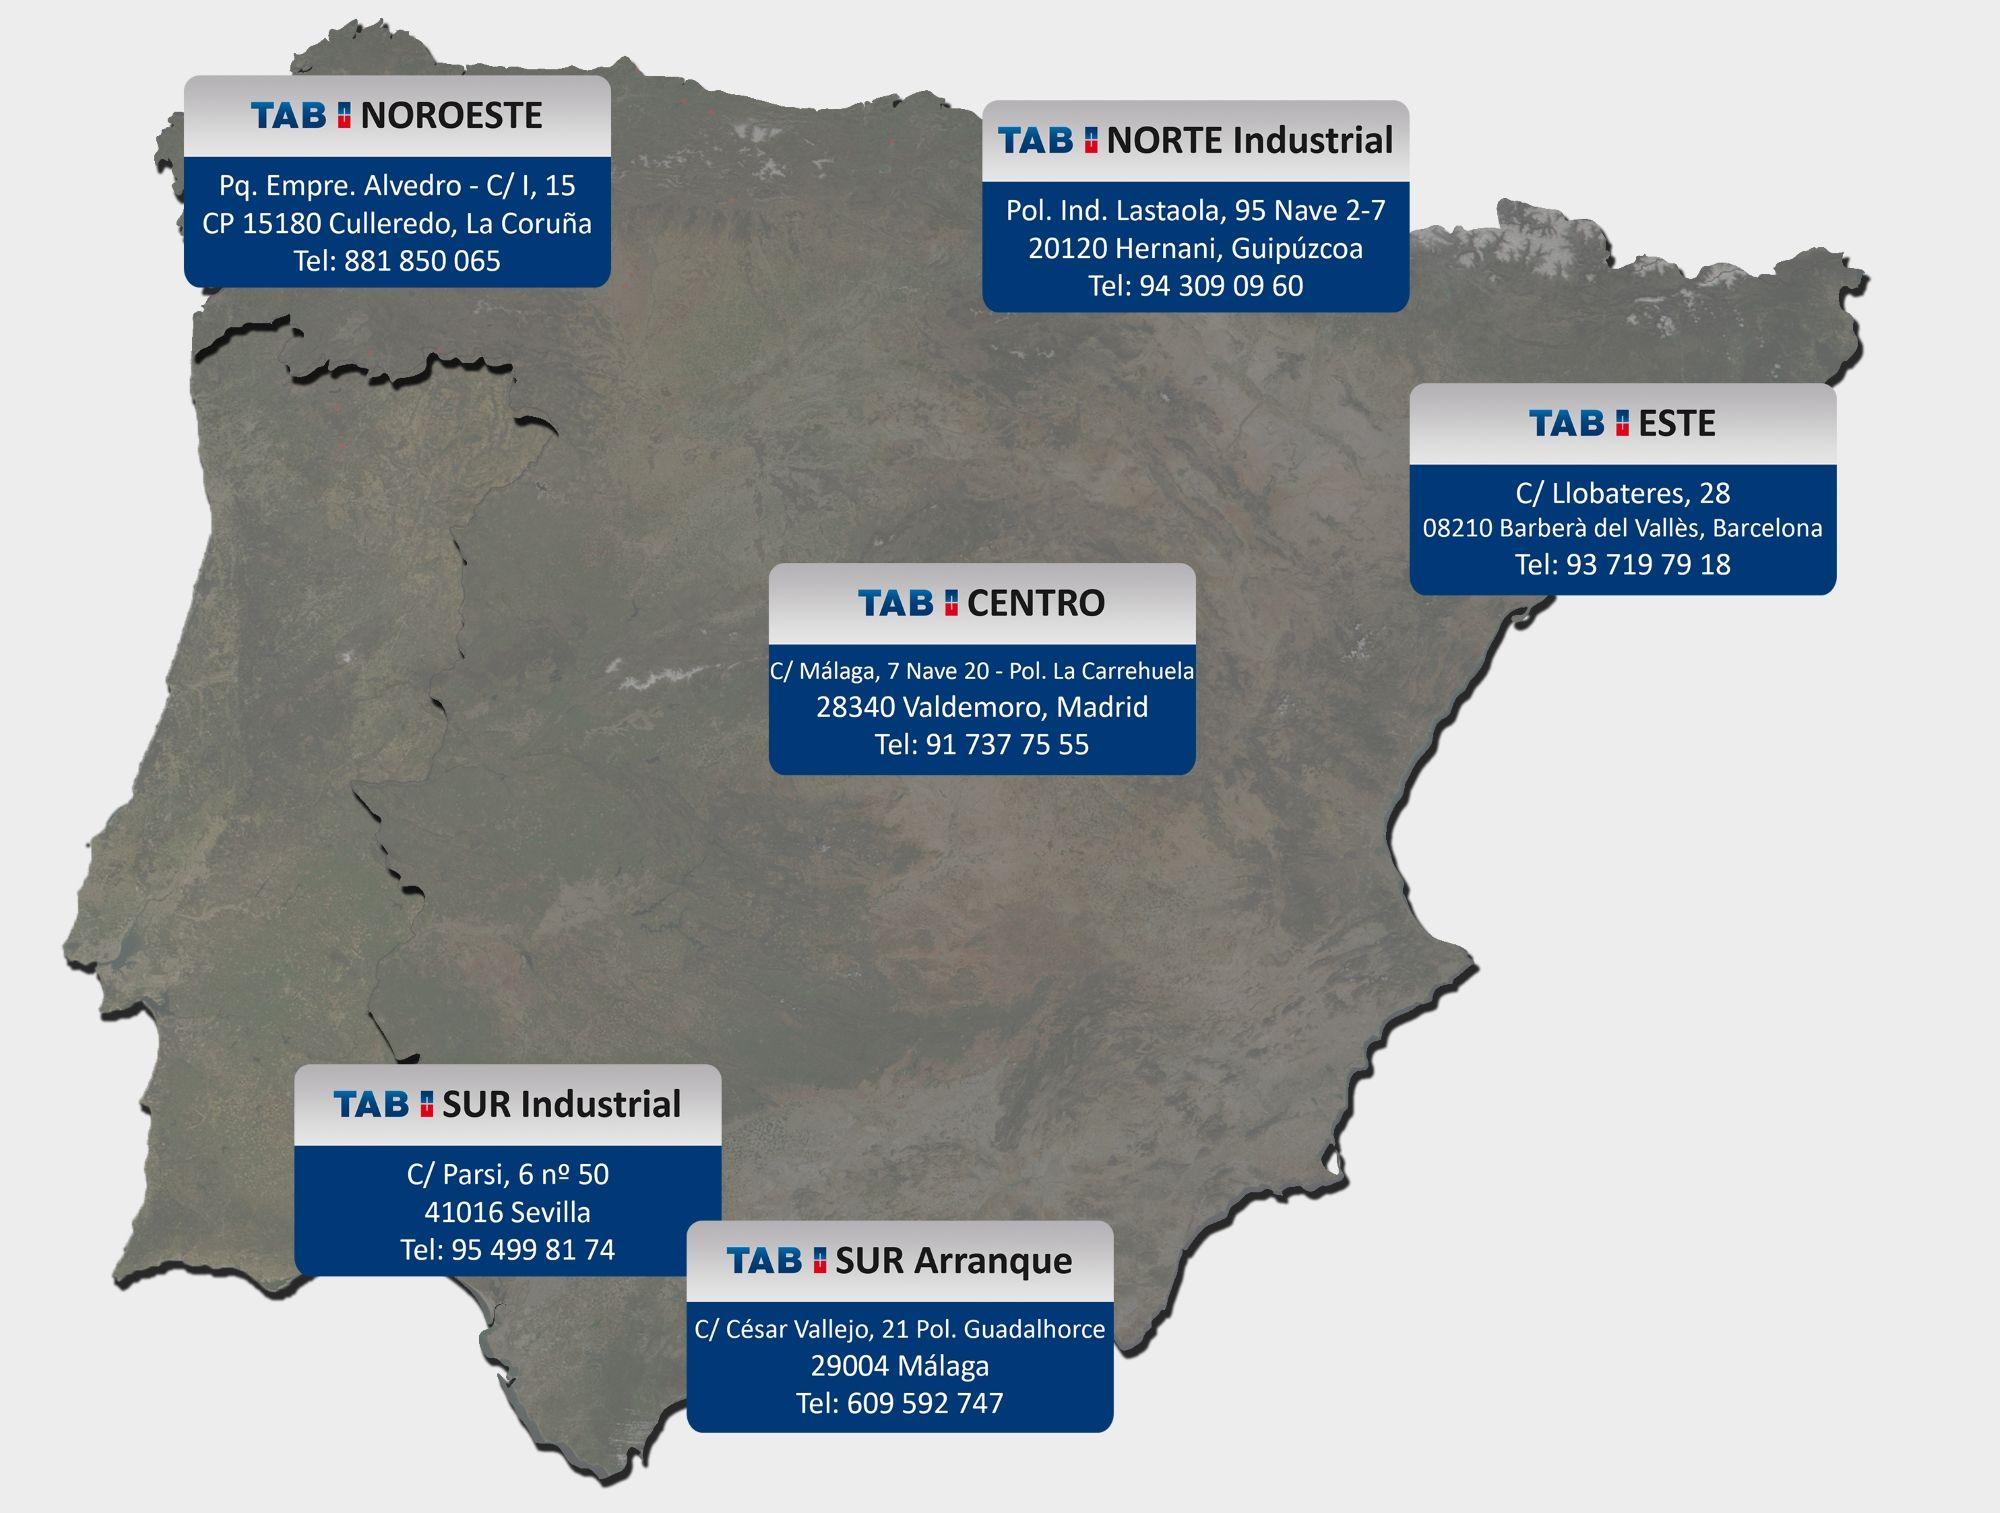 TAB Spain cambia su sede de TAB Centro